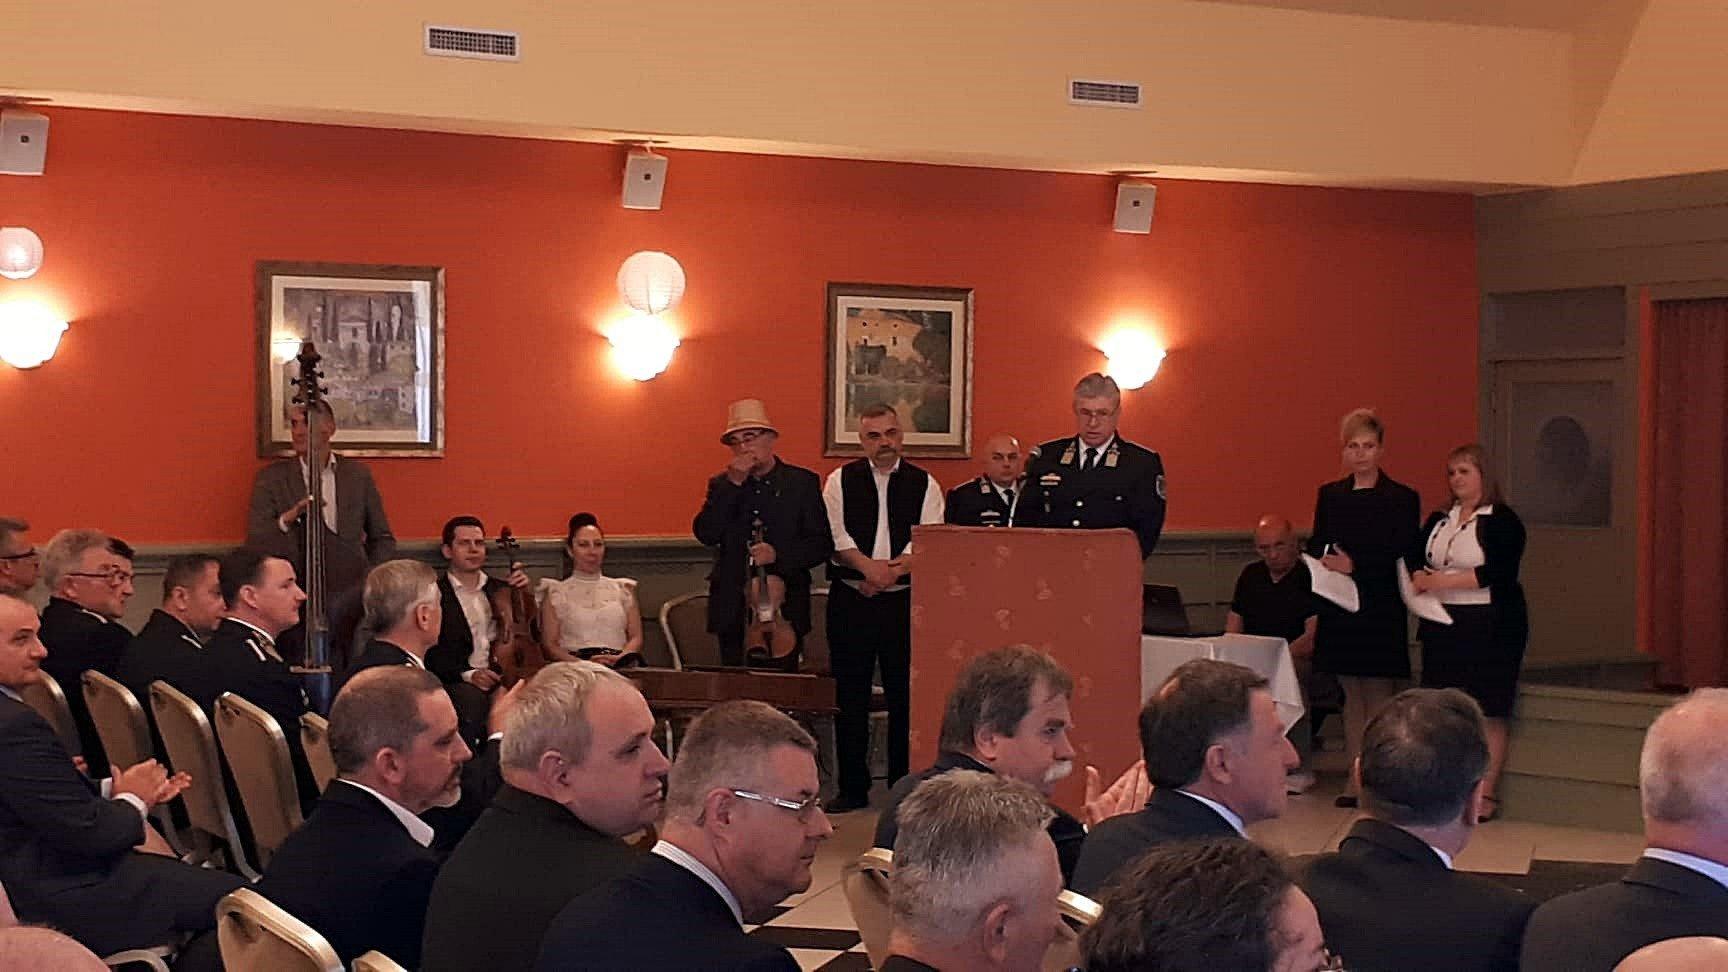 Bács megyei elismerések a Rendőrség Napja alkalmából